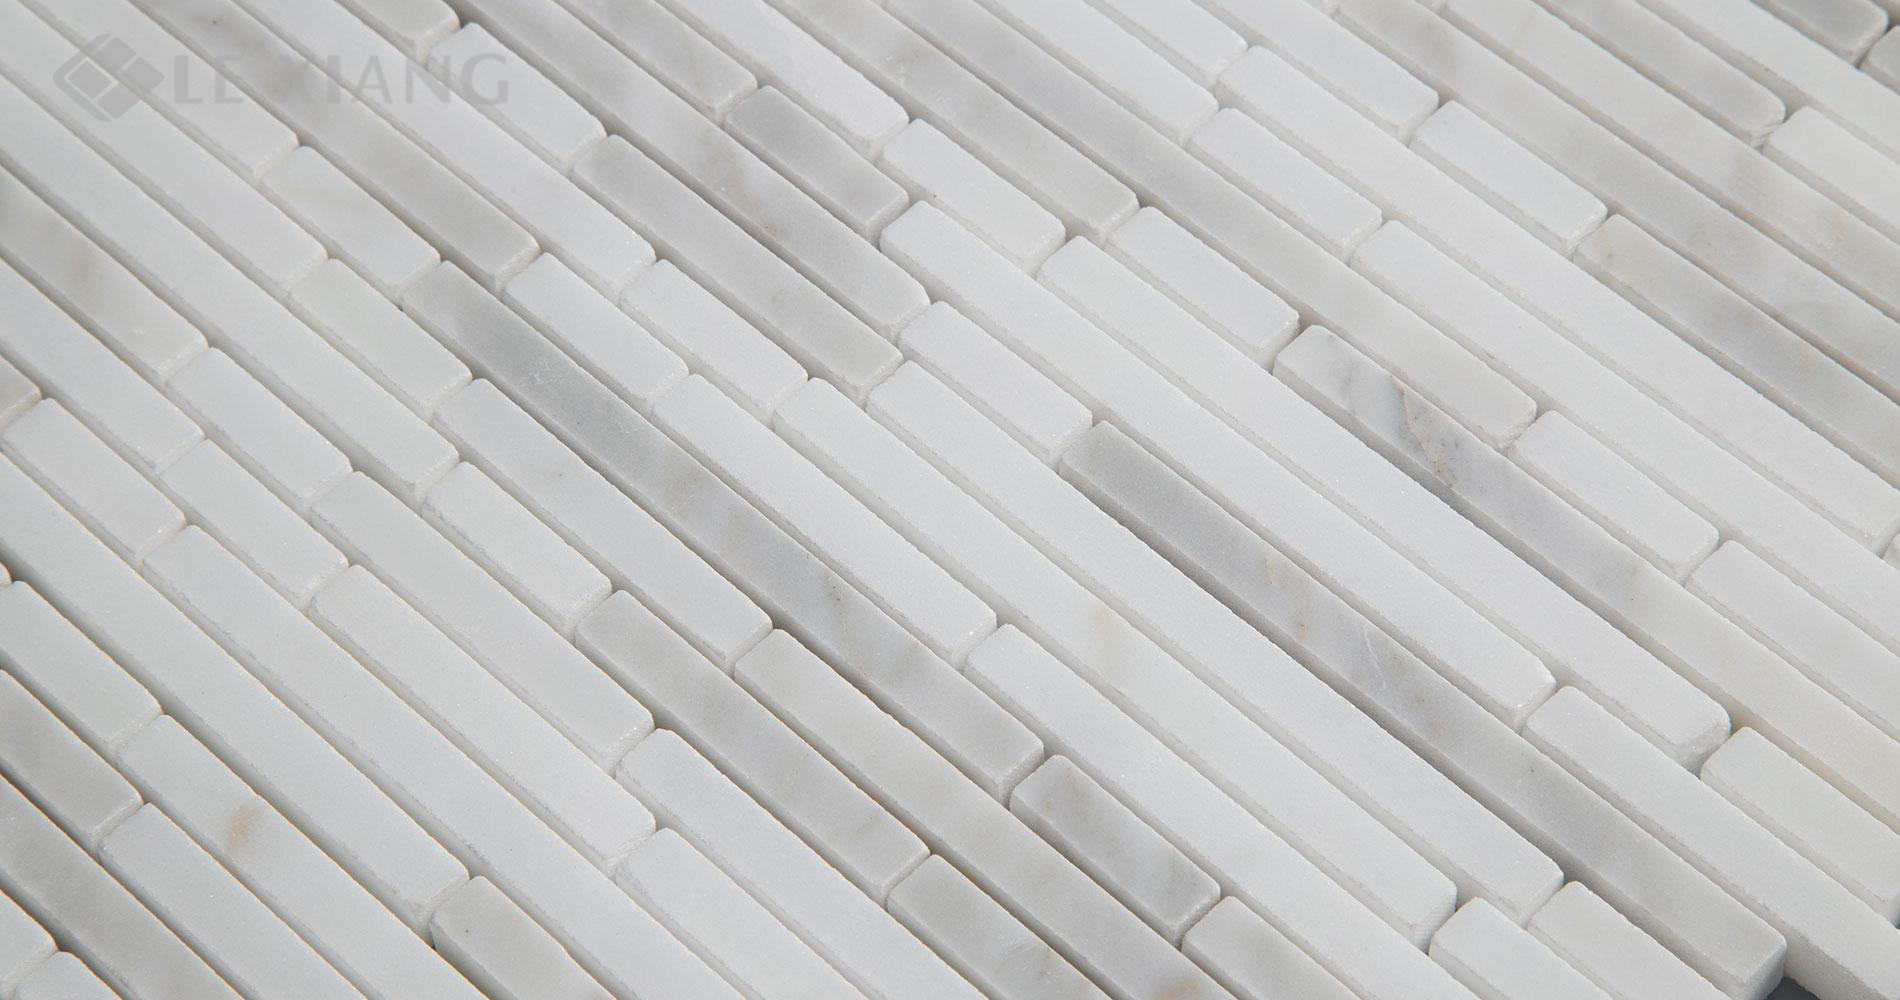 Marble Strip Mosaic Tile For Kitchen Backsplash And Bathroom Floor ...